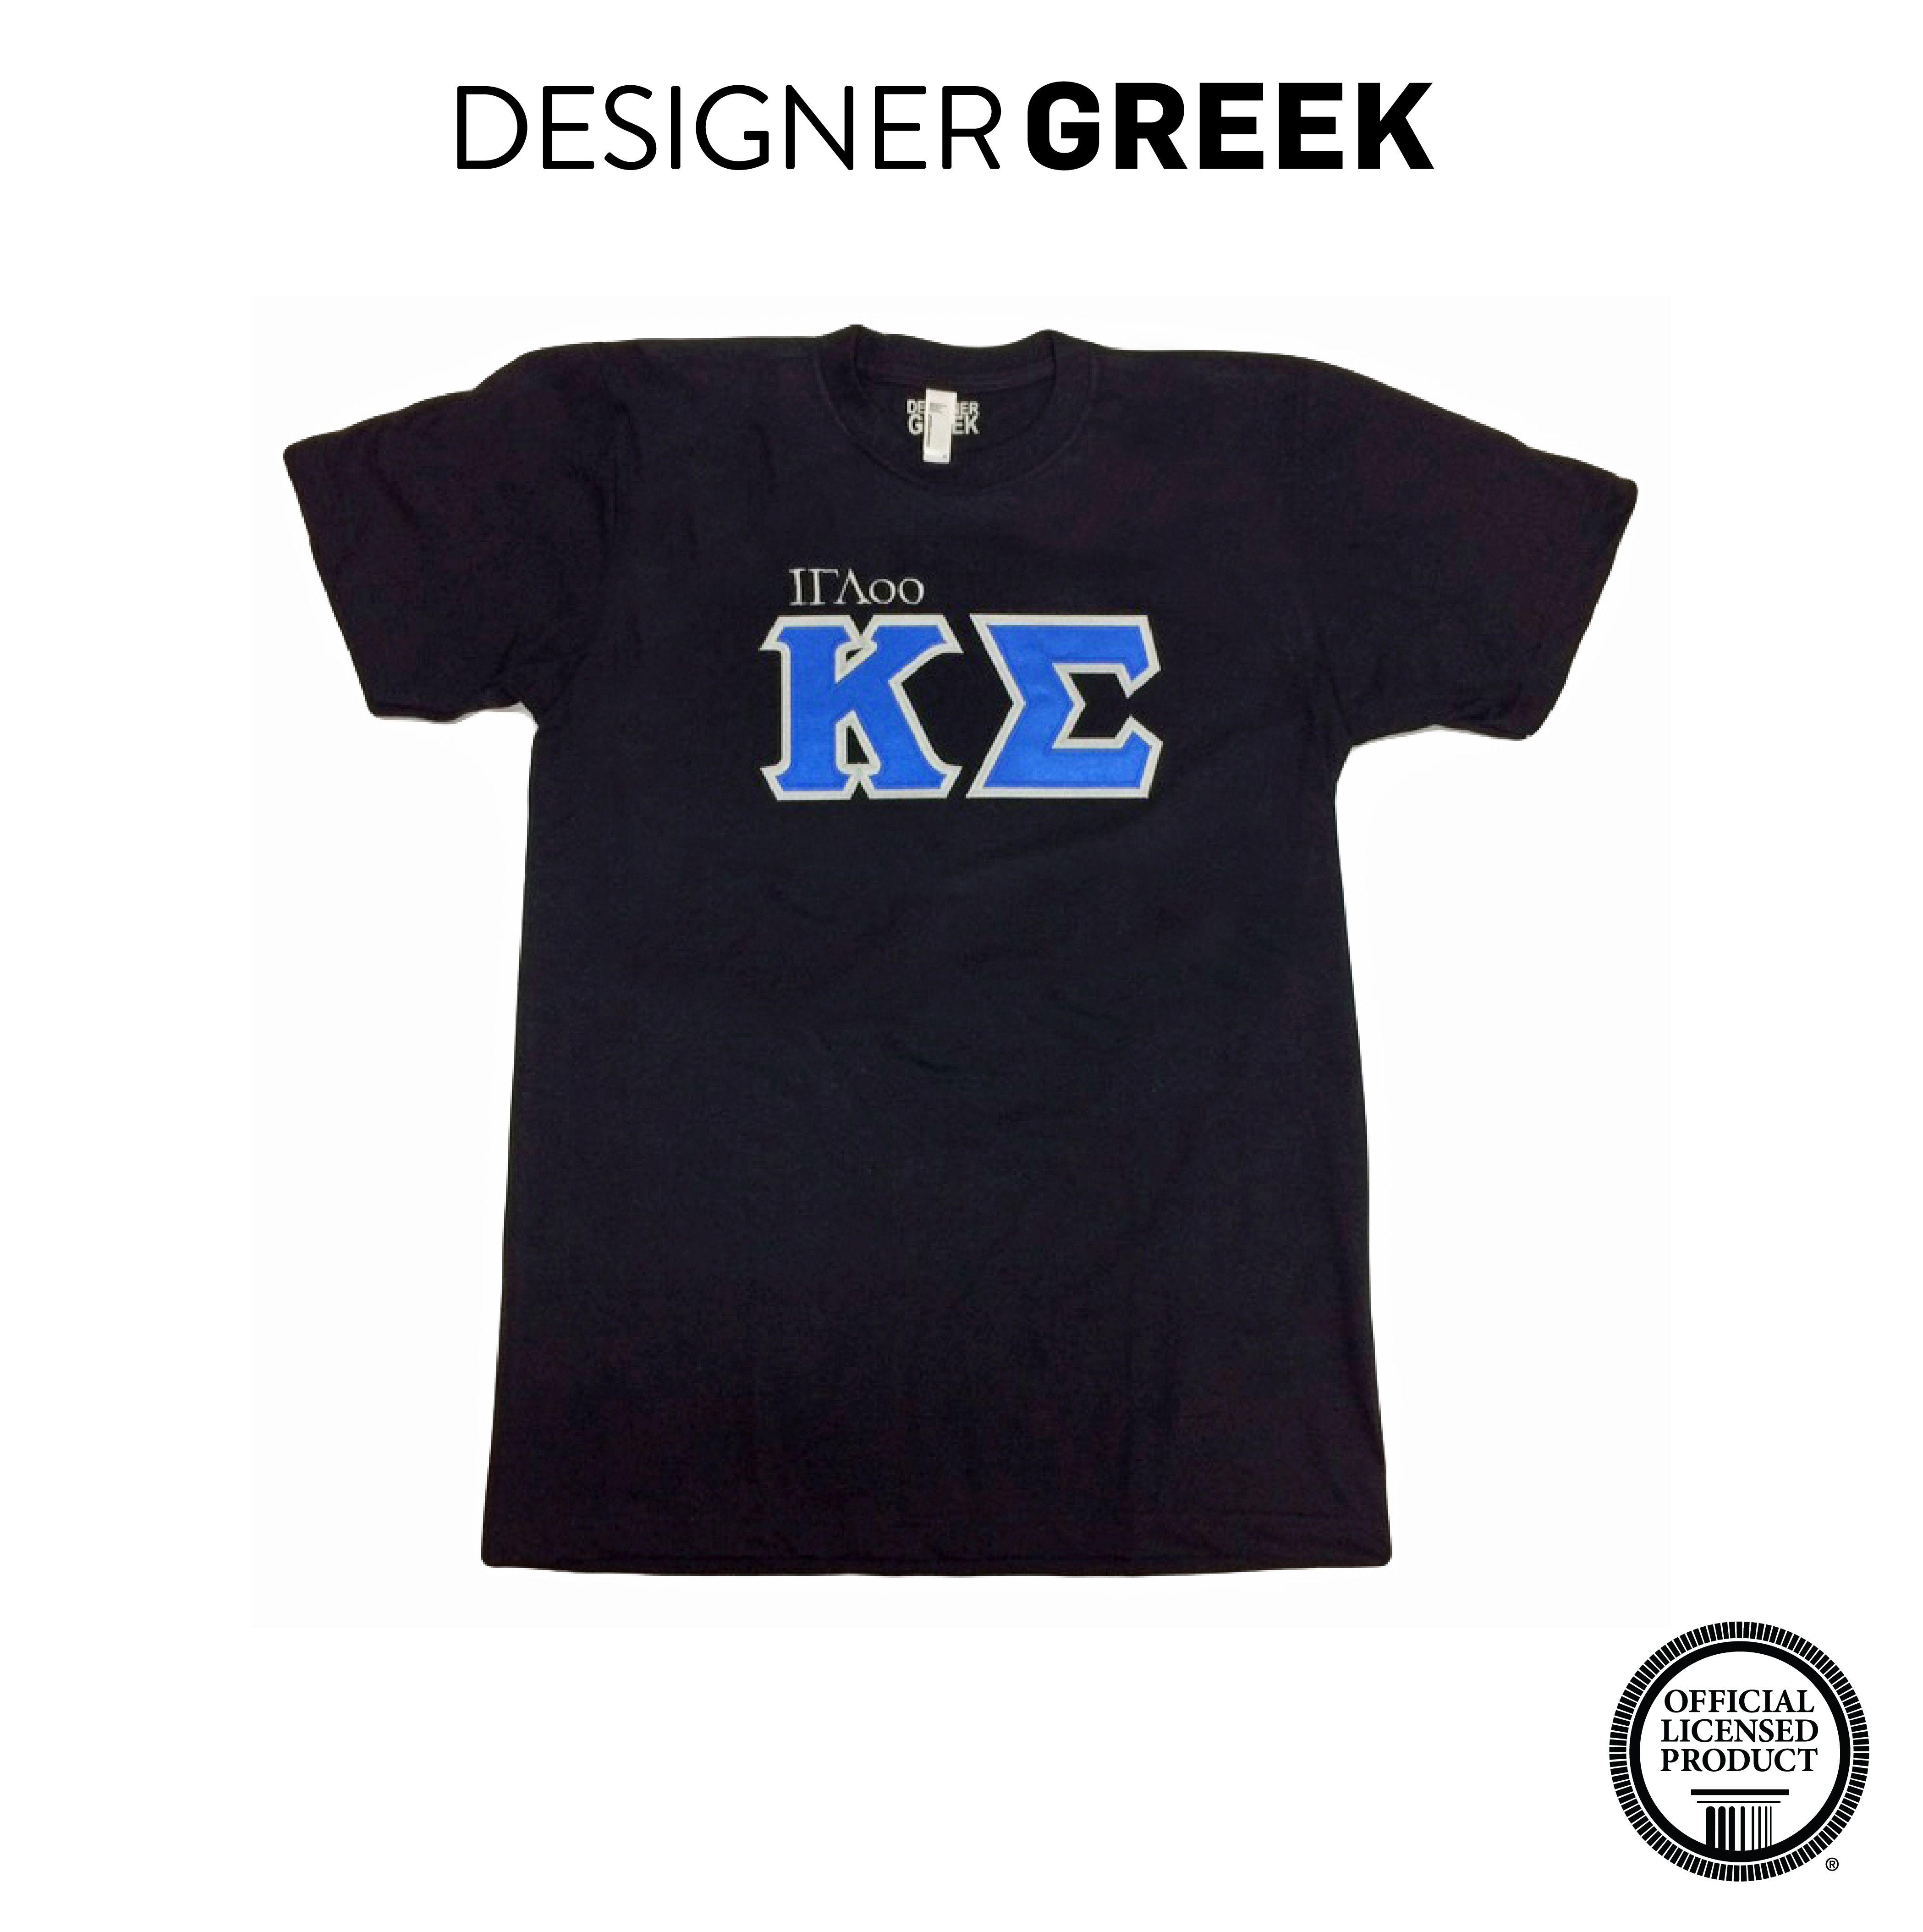 64e01b7f Kappa Sigma Greek Gear   Fraternity Apparel   Sew On Letters   DesignerGreek